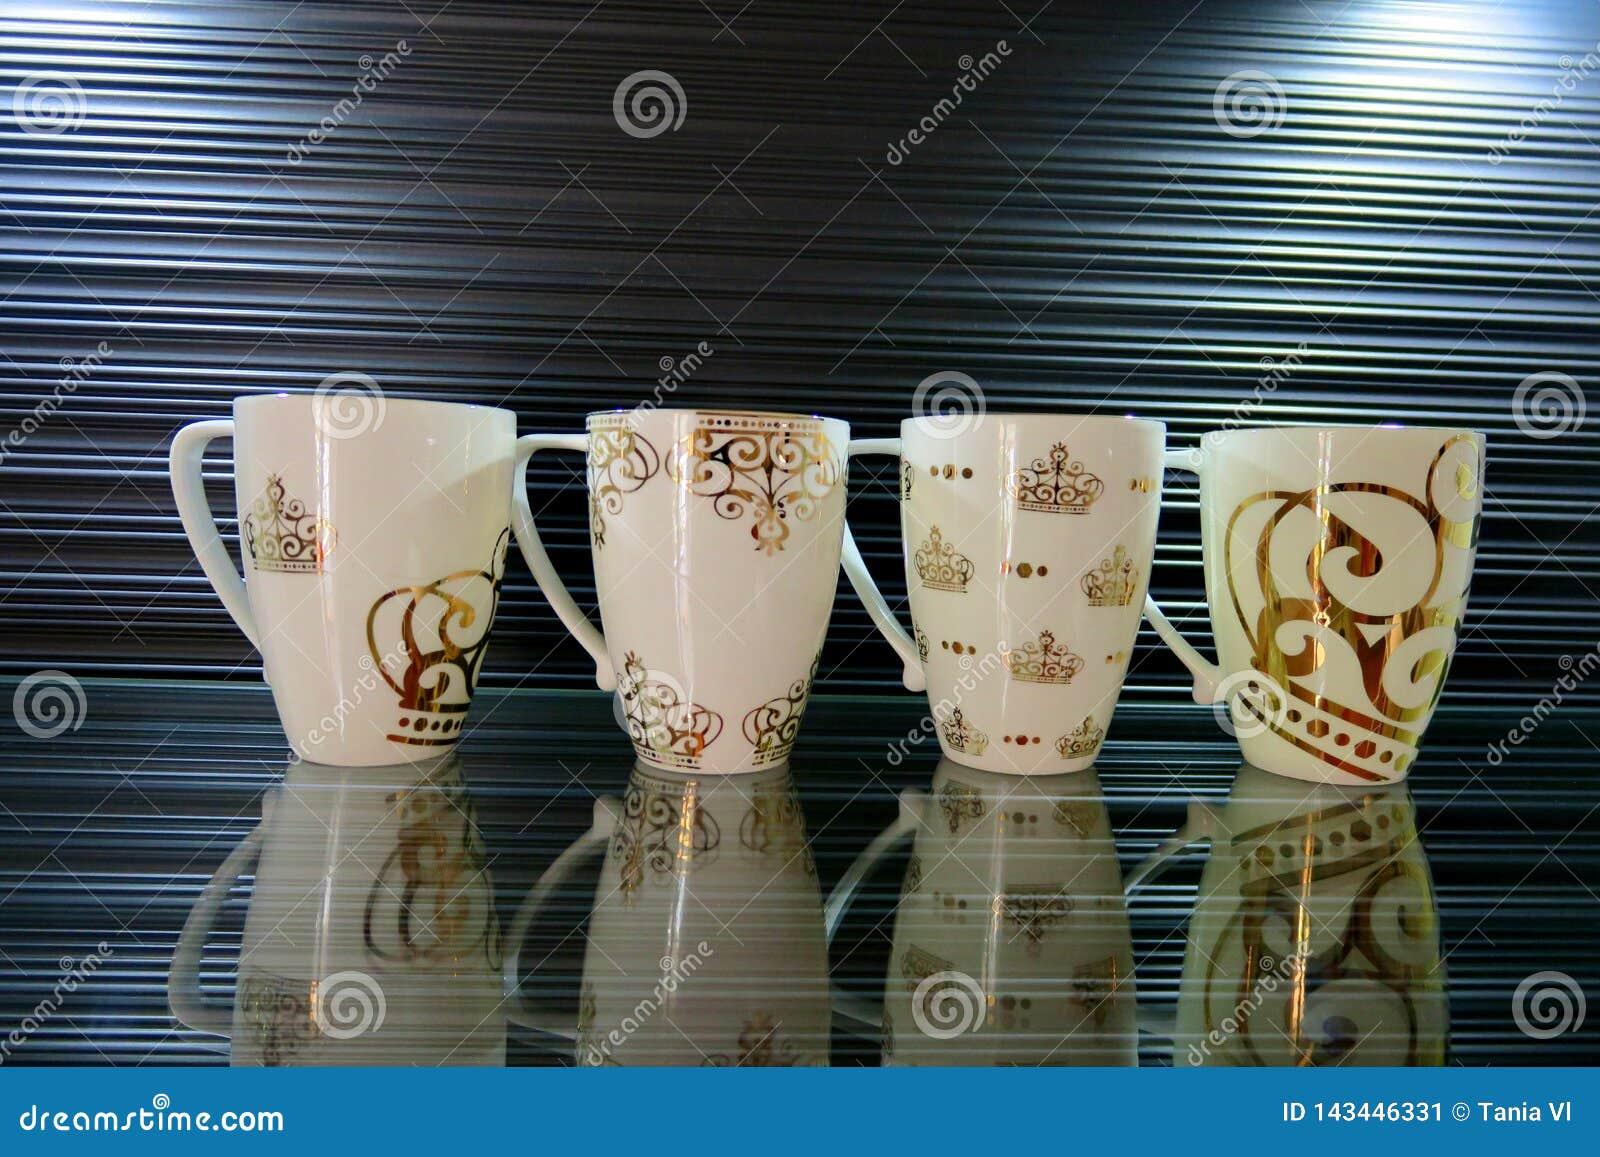 Vier witte koppen met verschillende patronen op een mooie achtergrond